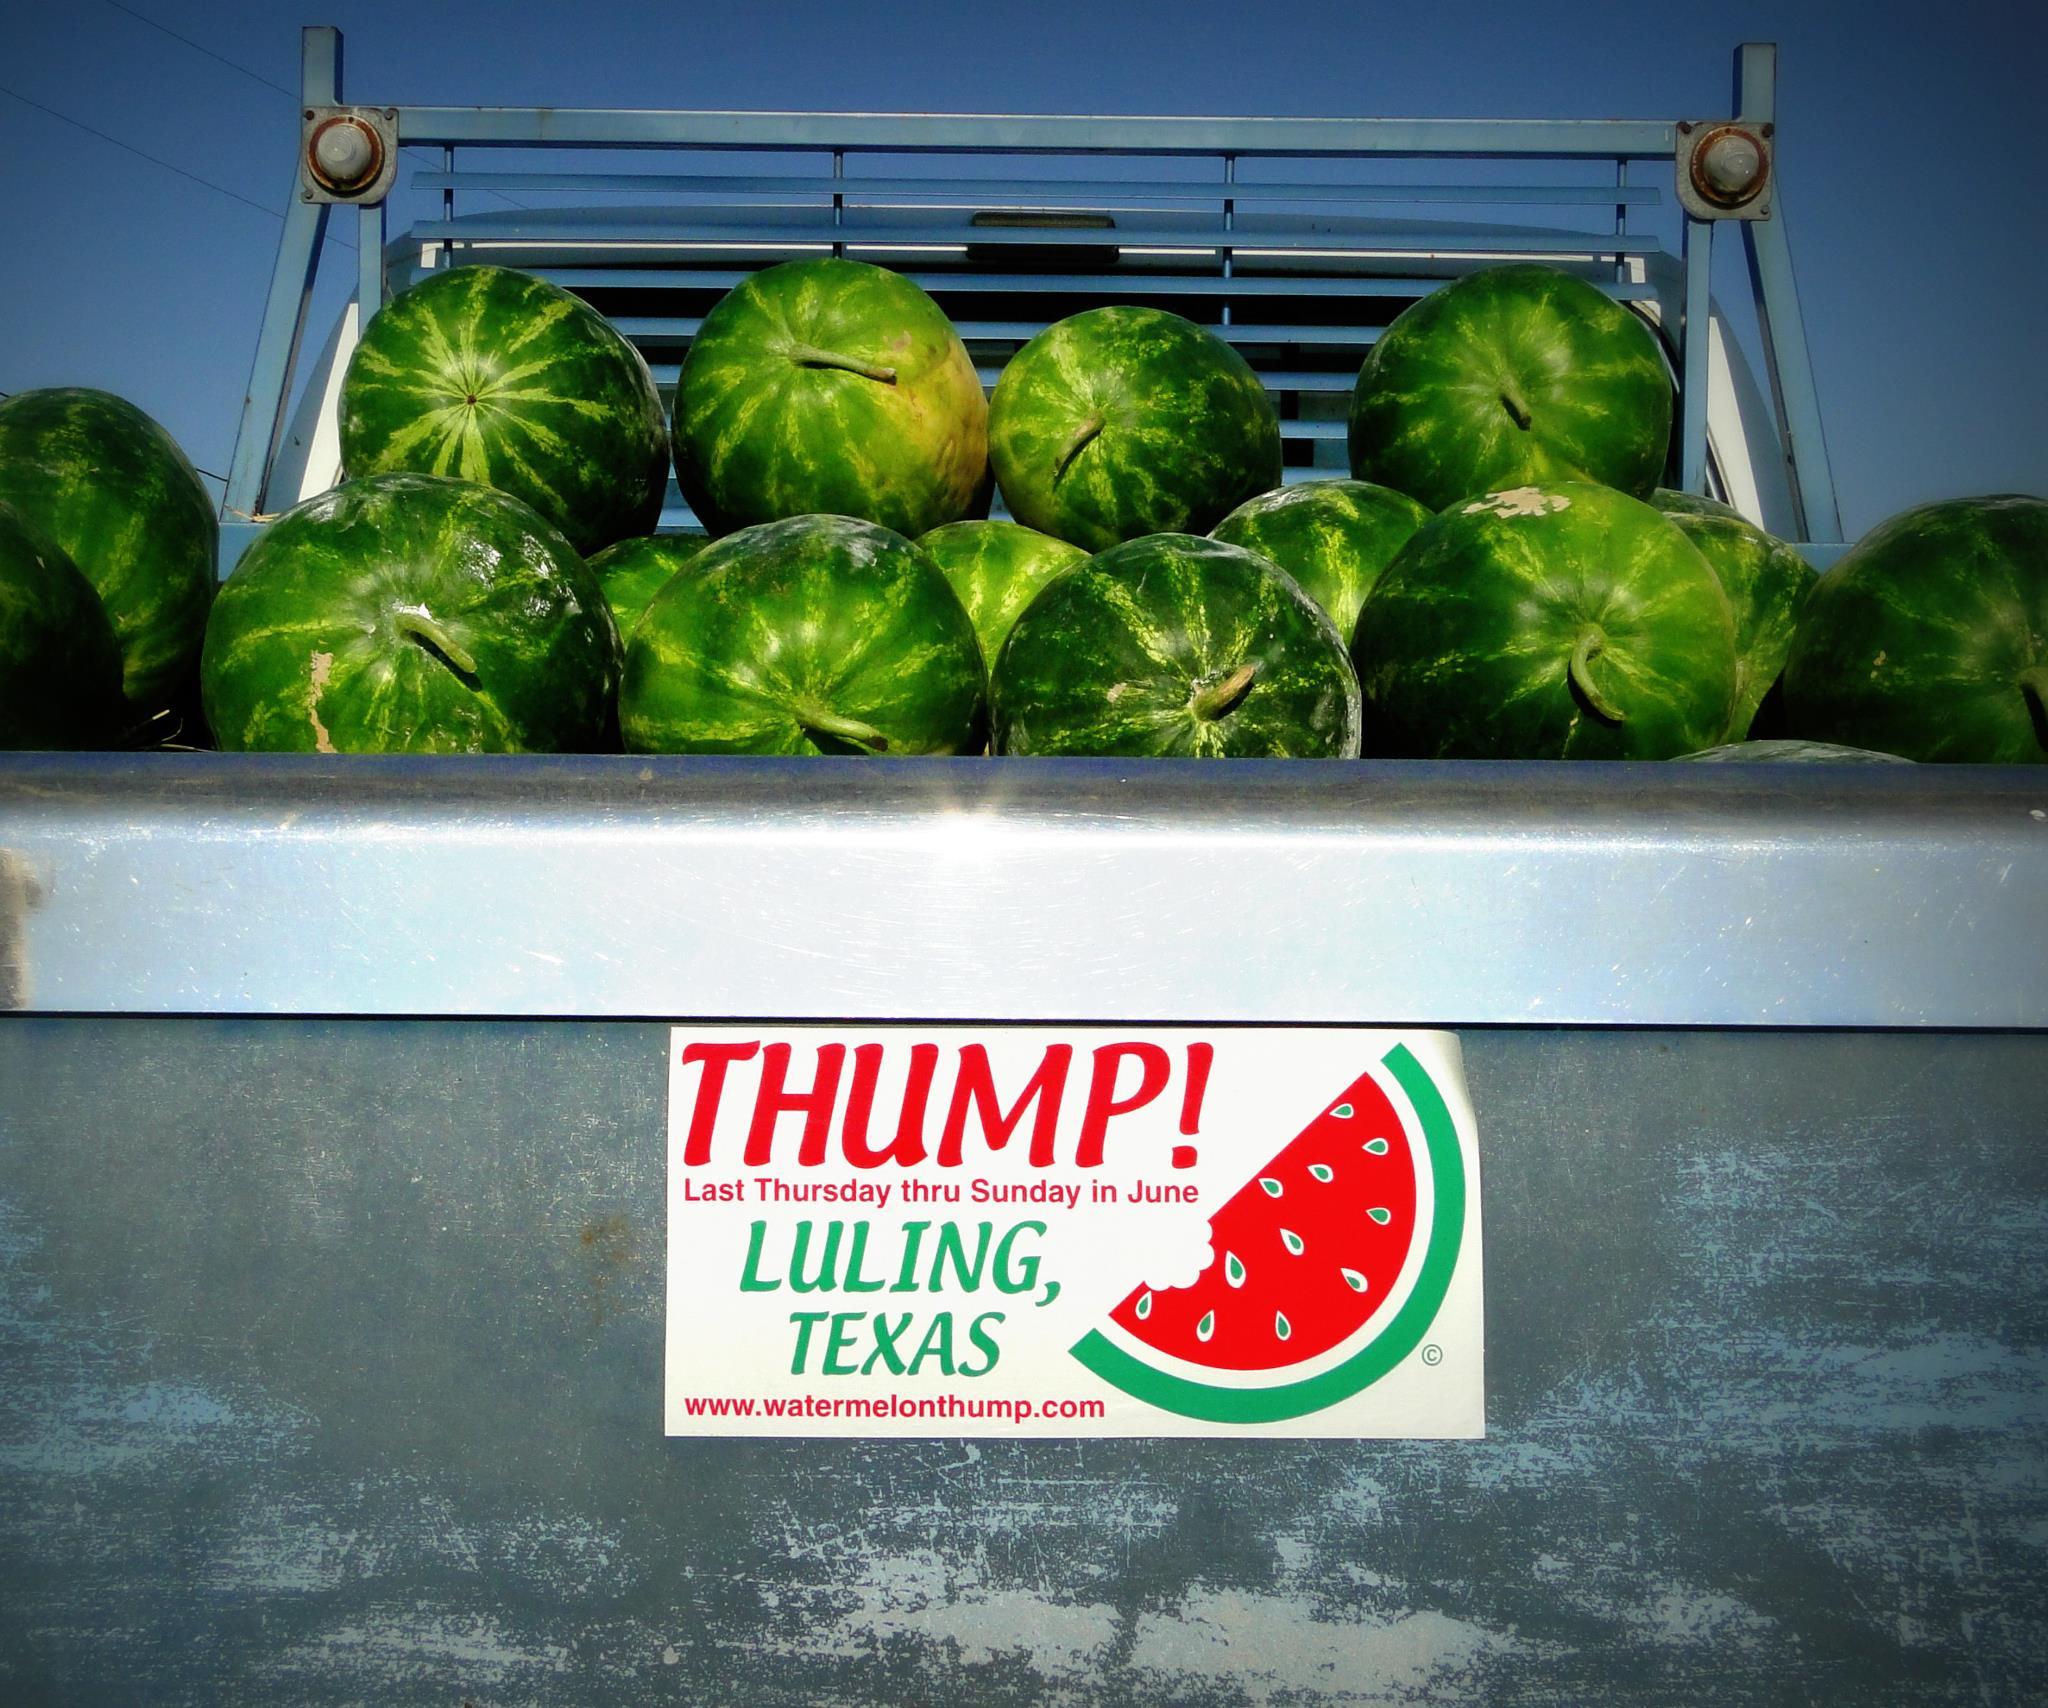 Watermelon Thump, Luling, TX